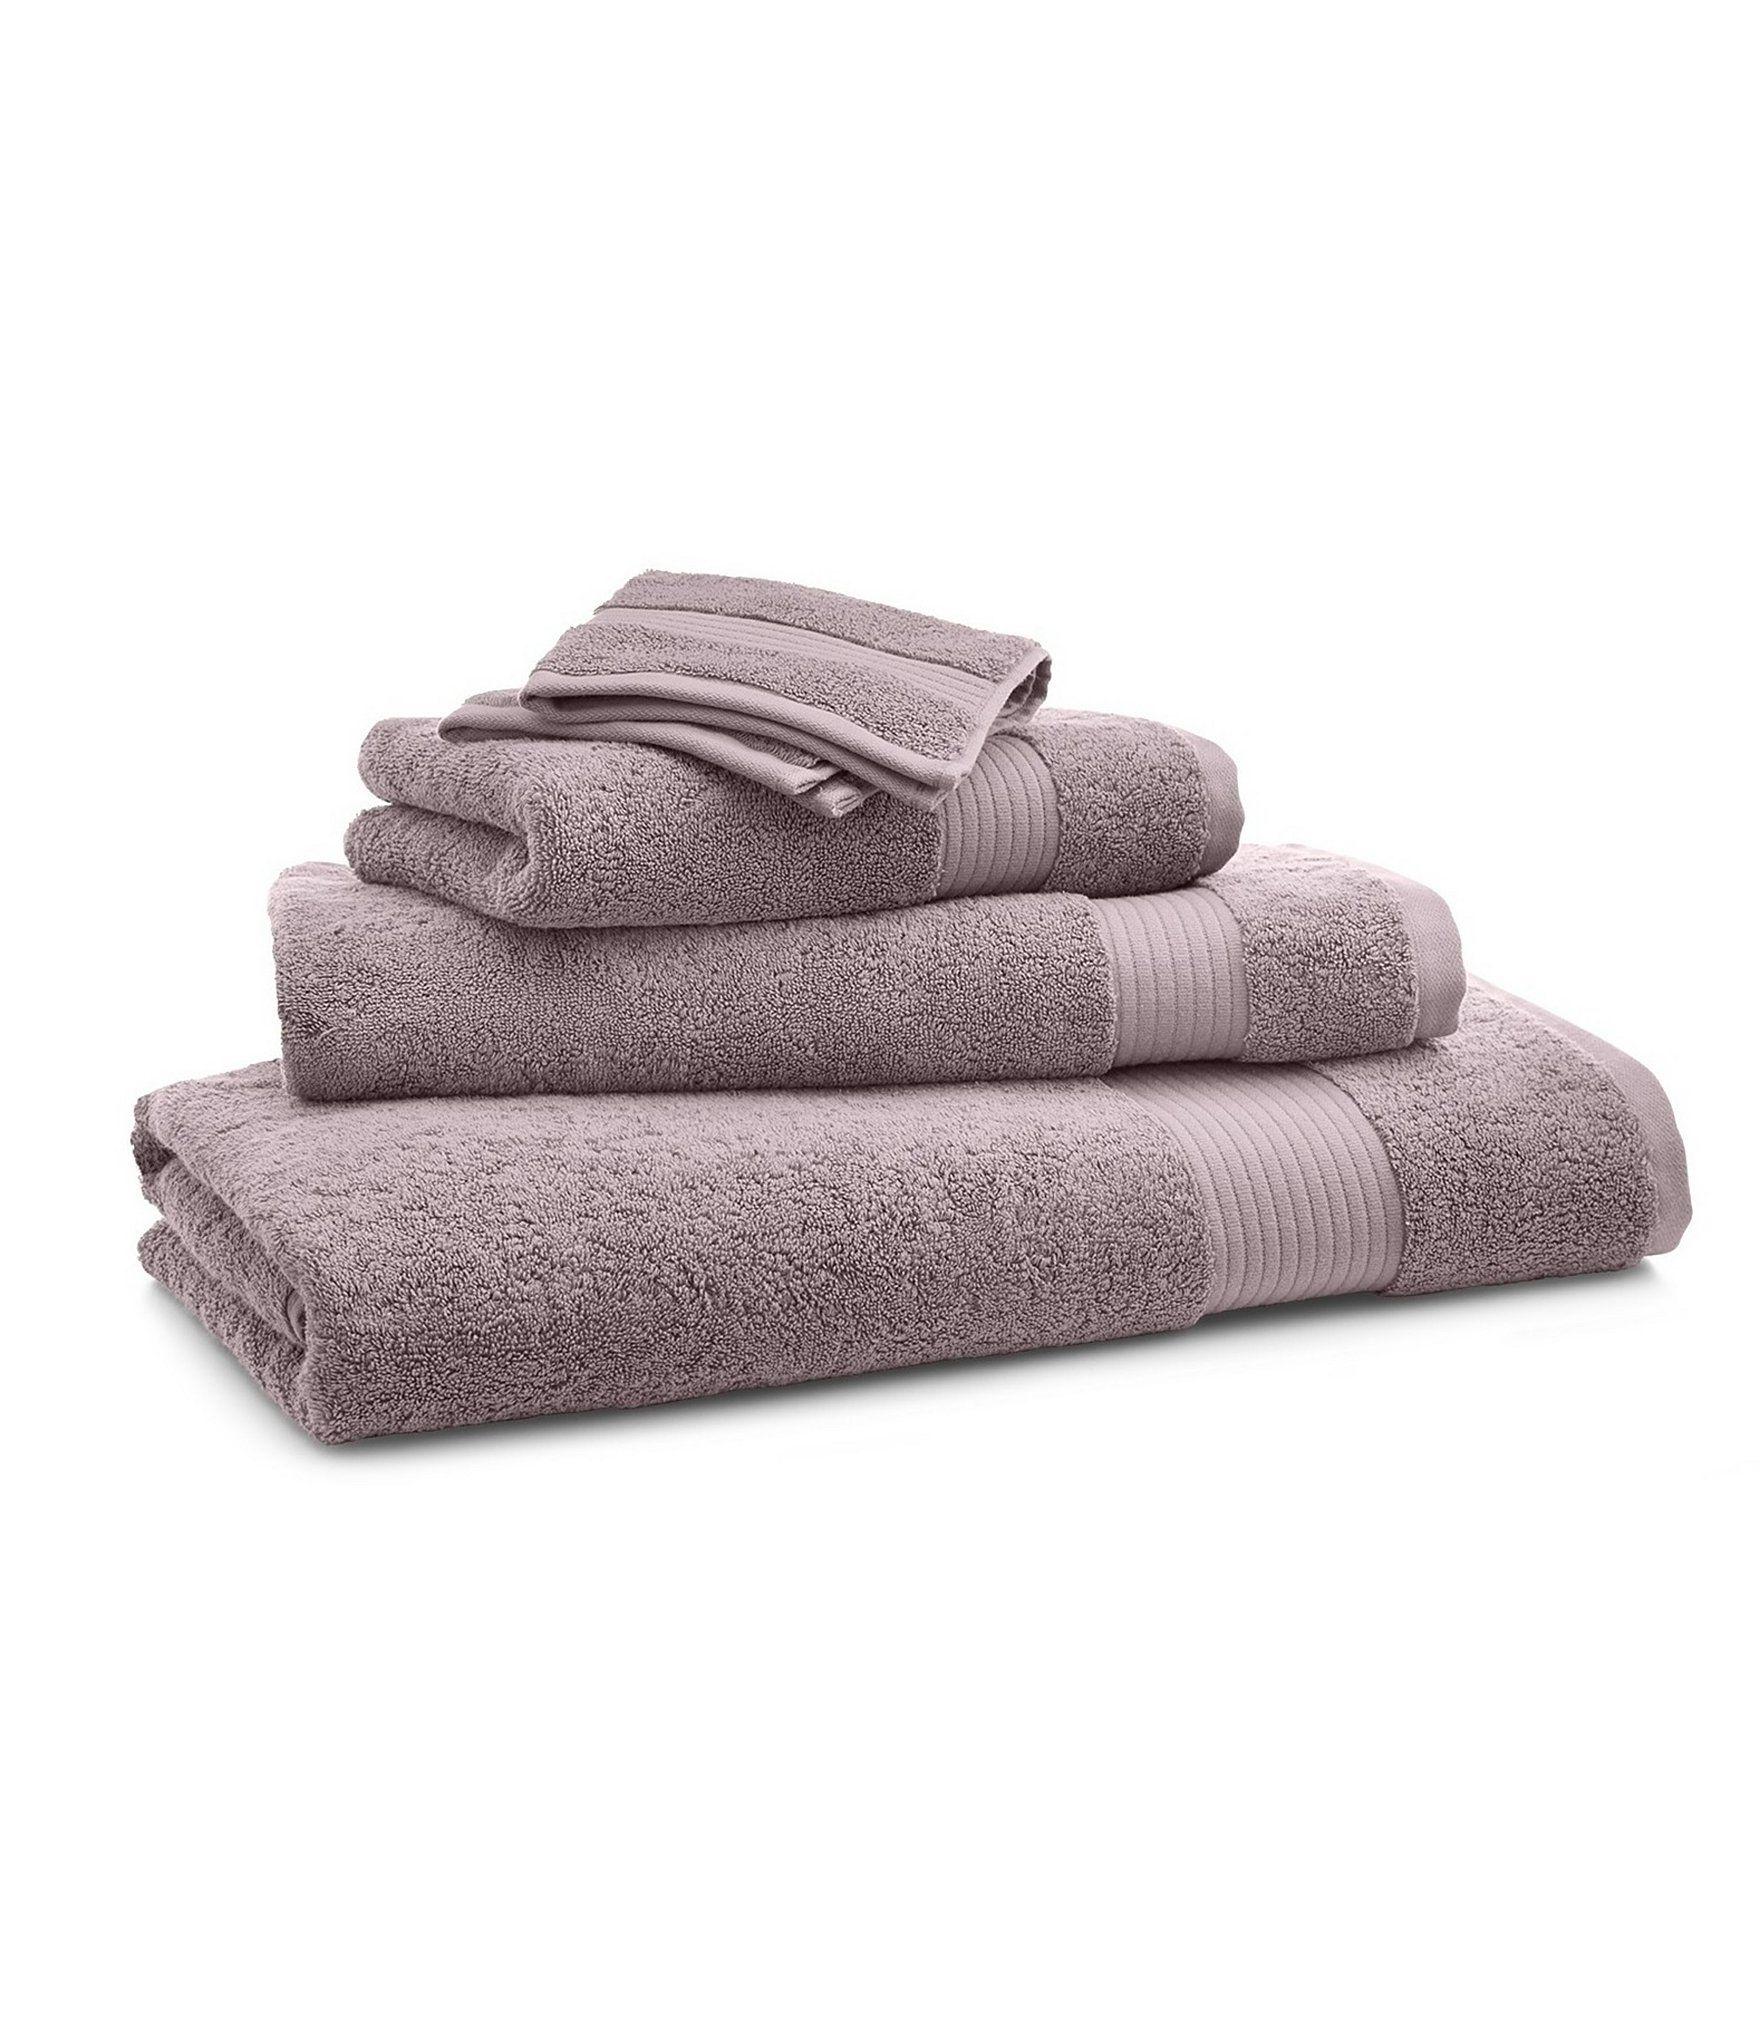 Ralph Lauren Bowery Bath Towels Dusty Lilac Washcloth In 2020